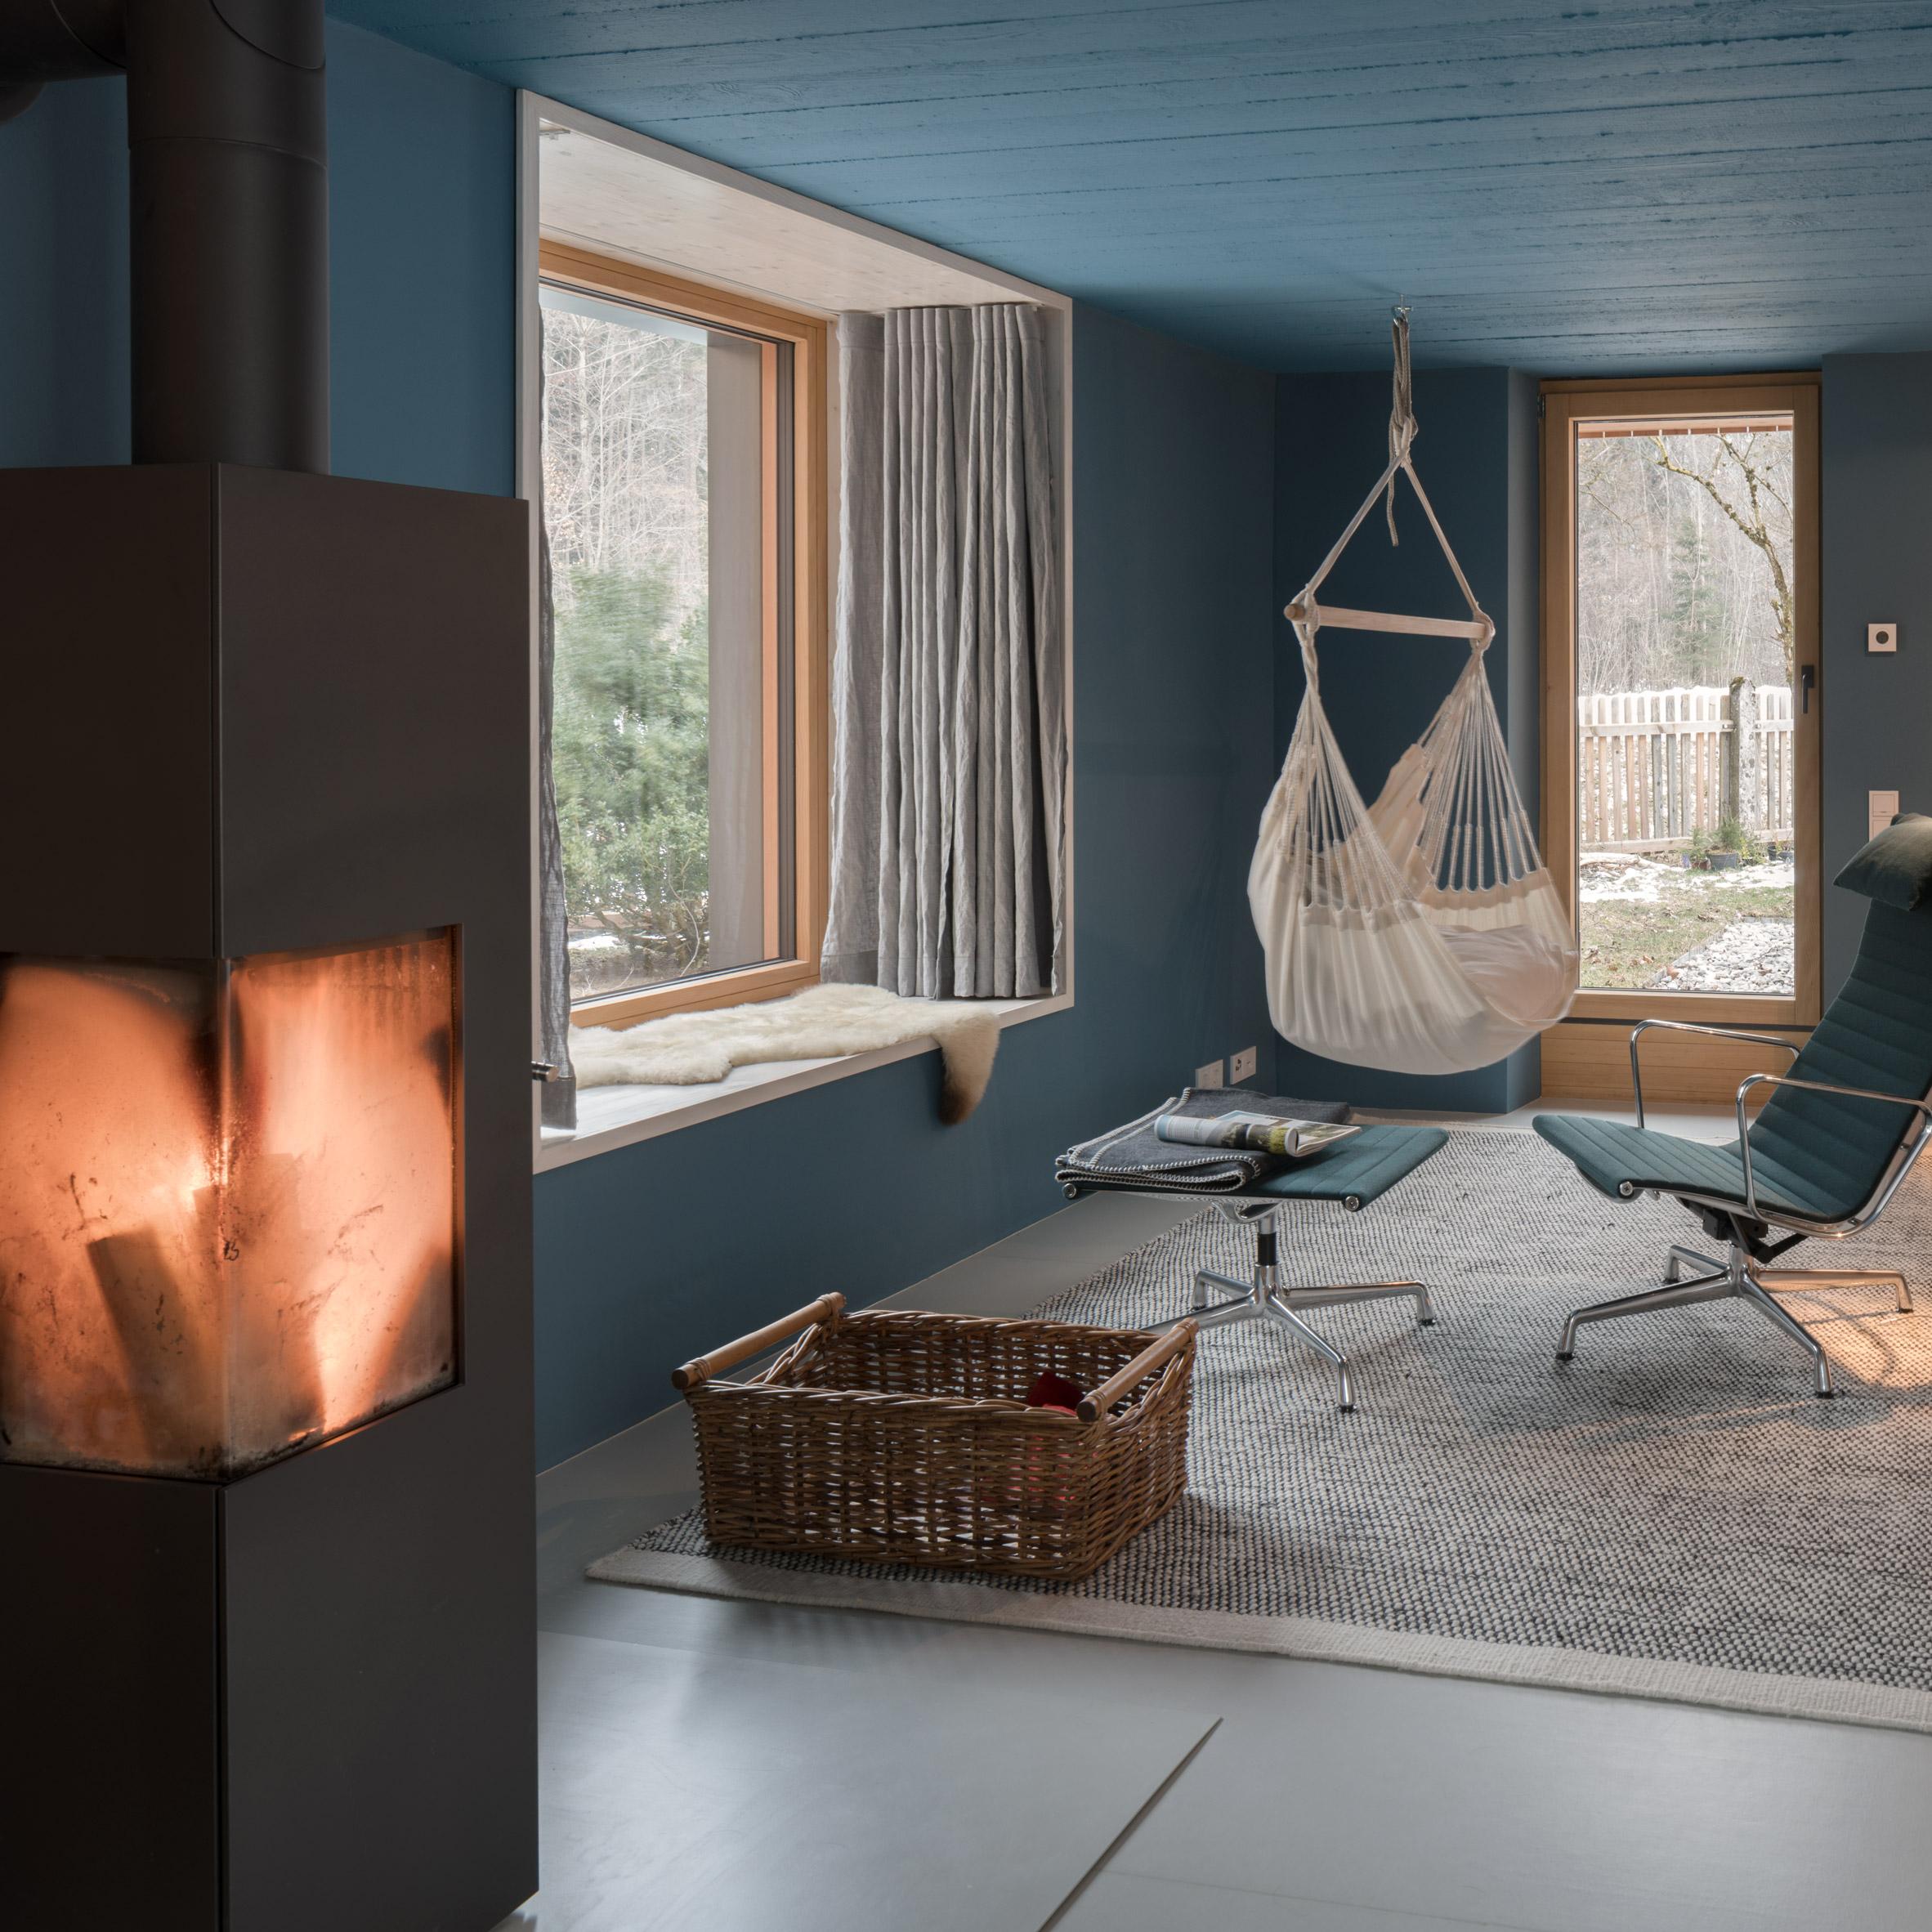 Urlaub Architektur's Holiday Architecture book roundup: Steinhaus am Auerbach by Arnhard und Eck Architekten